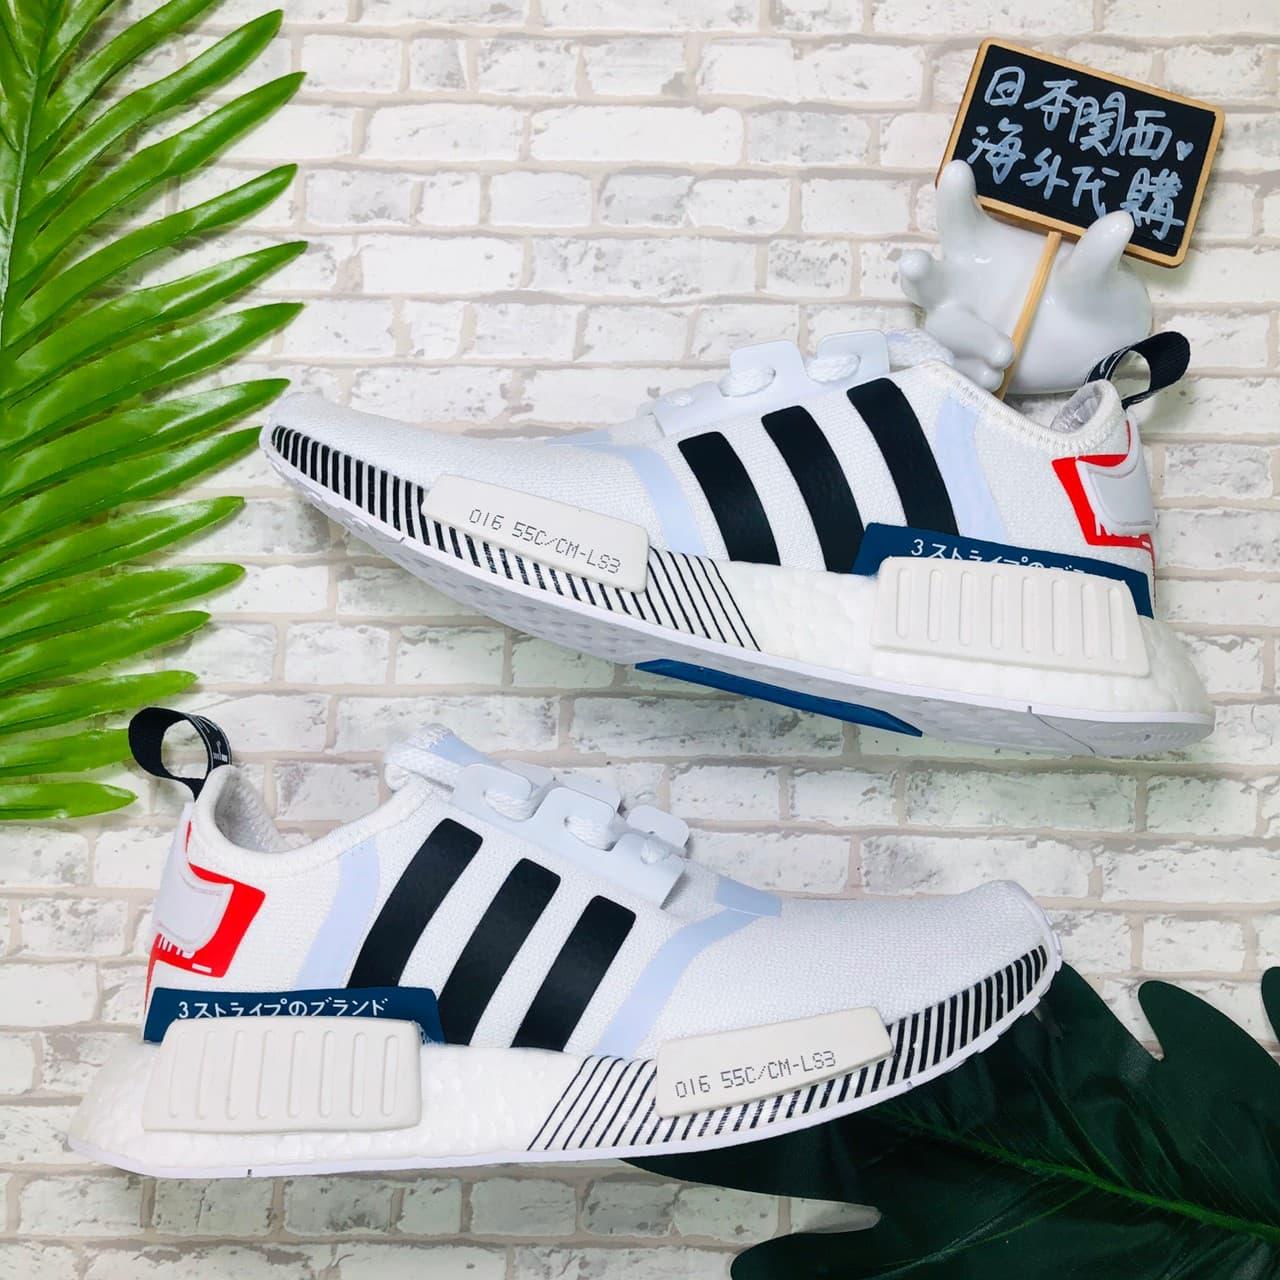 【日本海外代購】Adidas NMD boost R1 Japan White 日標 日文 白 黑 男女鞋 EF0753